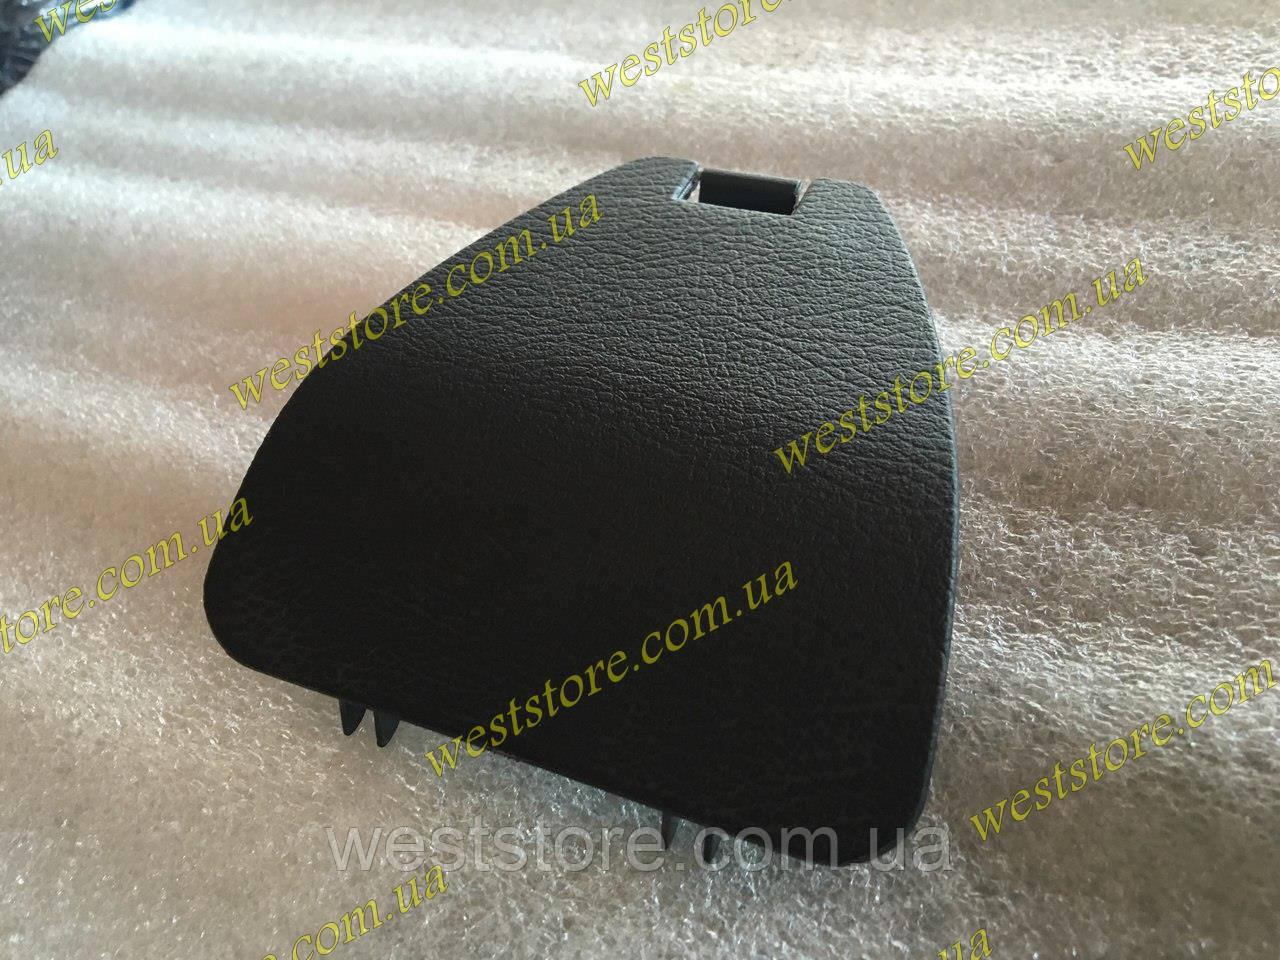 Крышка облицовки заднего амортизатора багажника Daewoo Lanos Sens Ланос Сенс 96237855\ TF69Y0-5402855